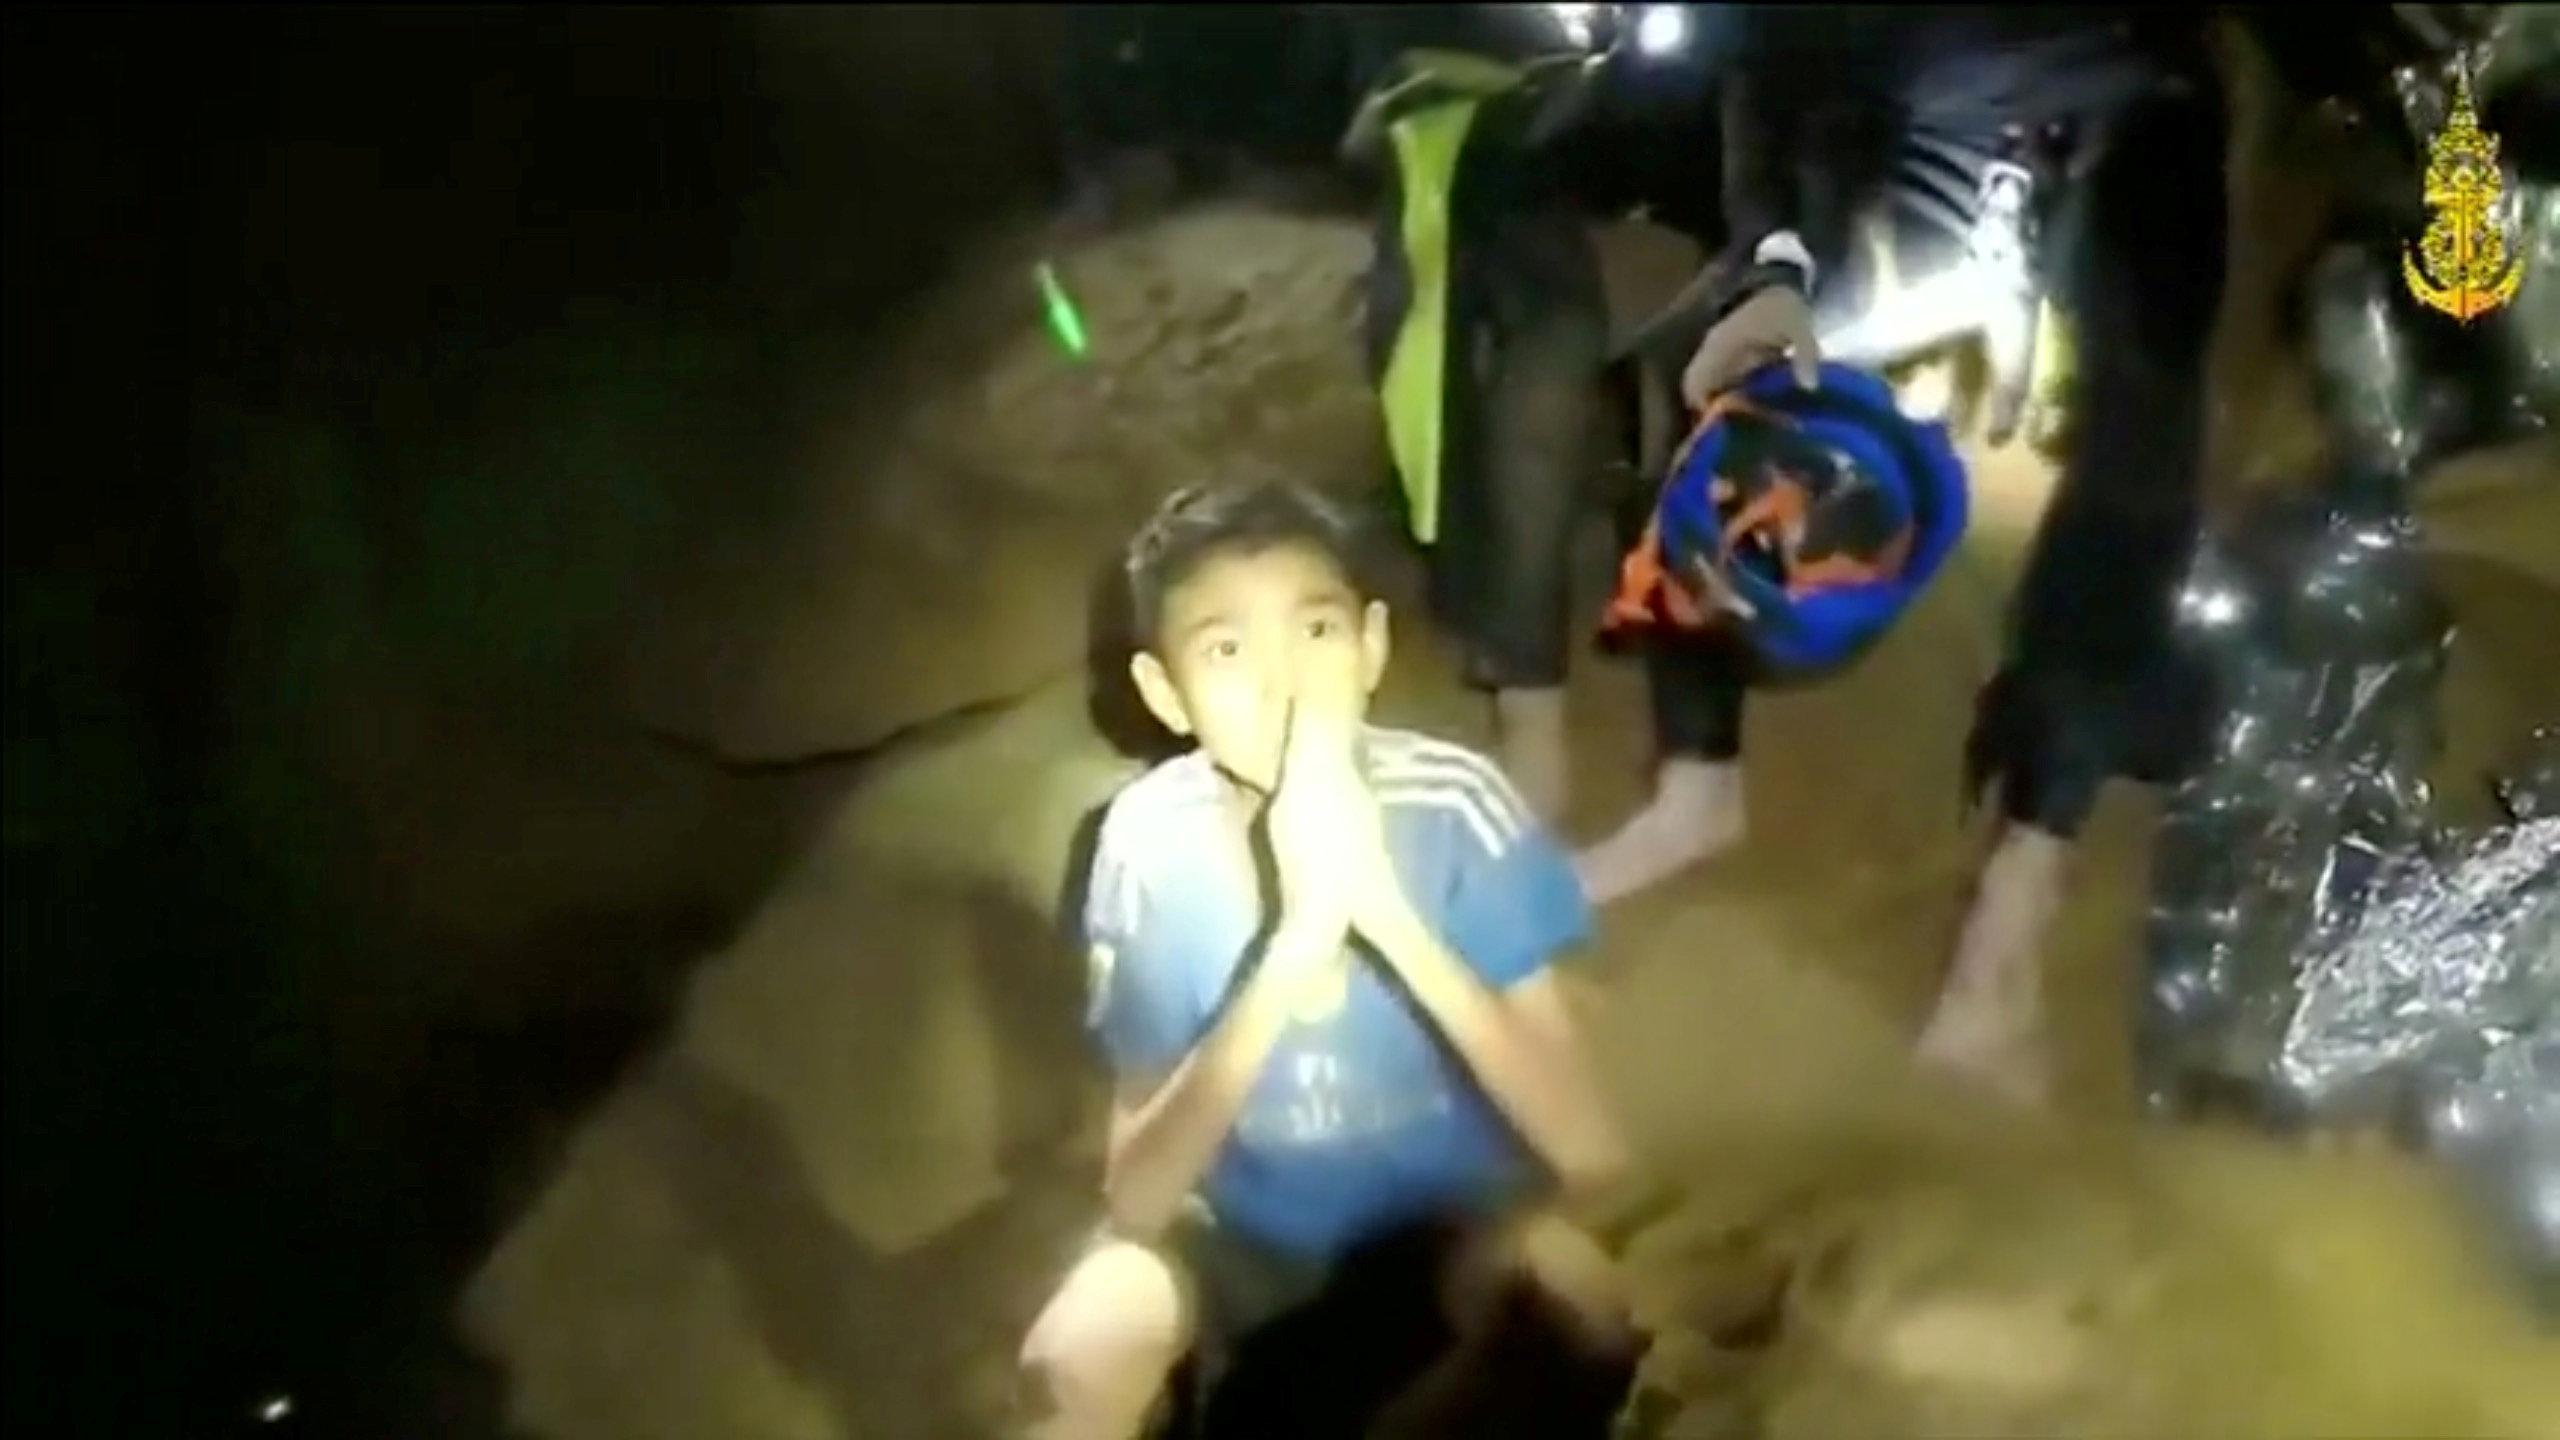 При спасение детей из пещеры в Таиланде умер один из спасателей.